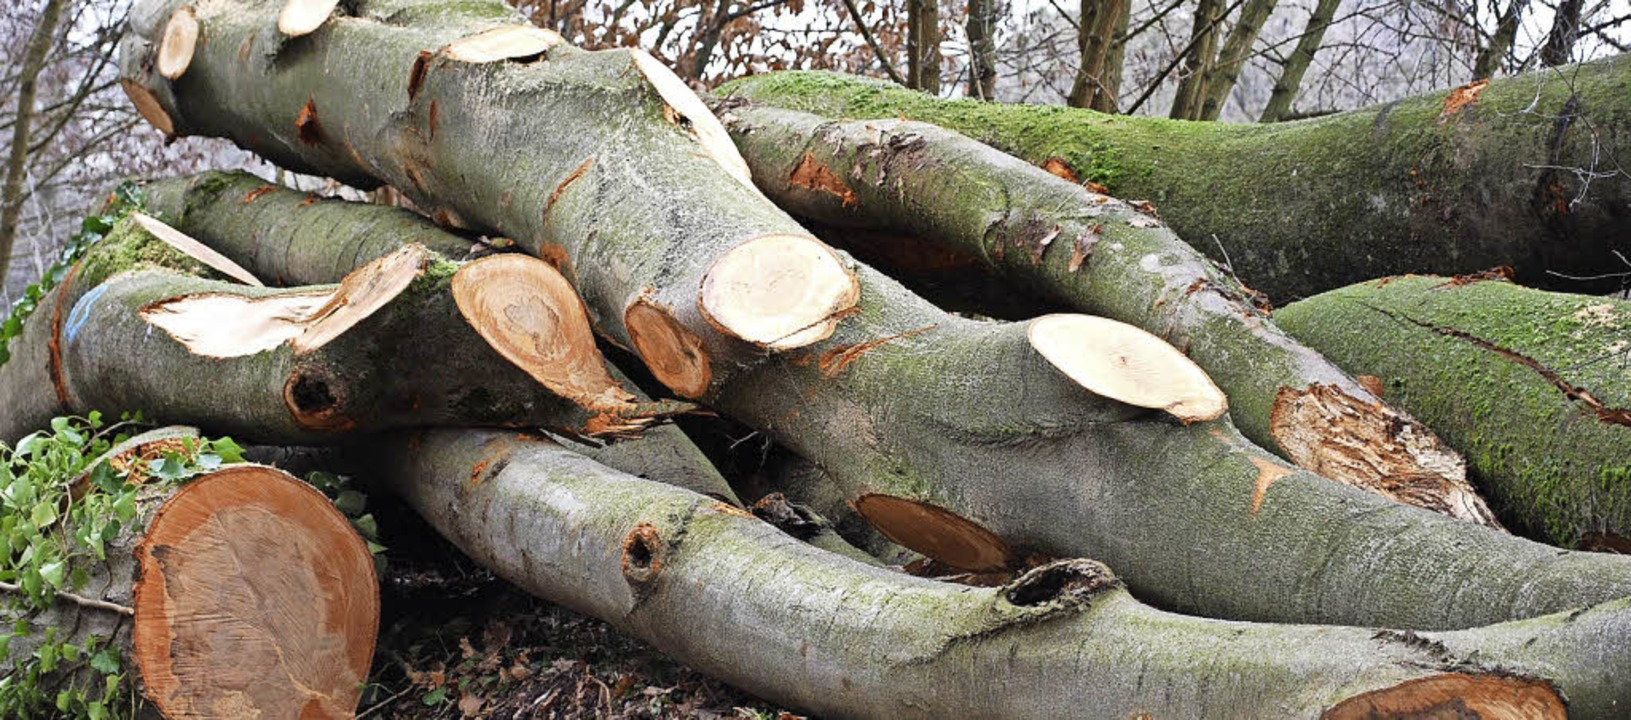 Der Holzmarkt ist gut für Anbieter und...8211; für Aufräumholz gilt das nicht.     Foto: Jahn